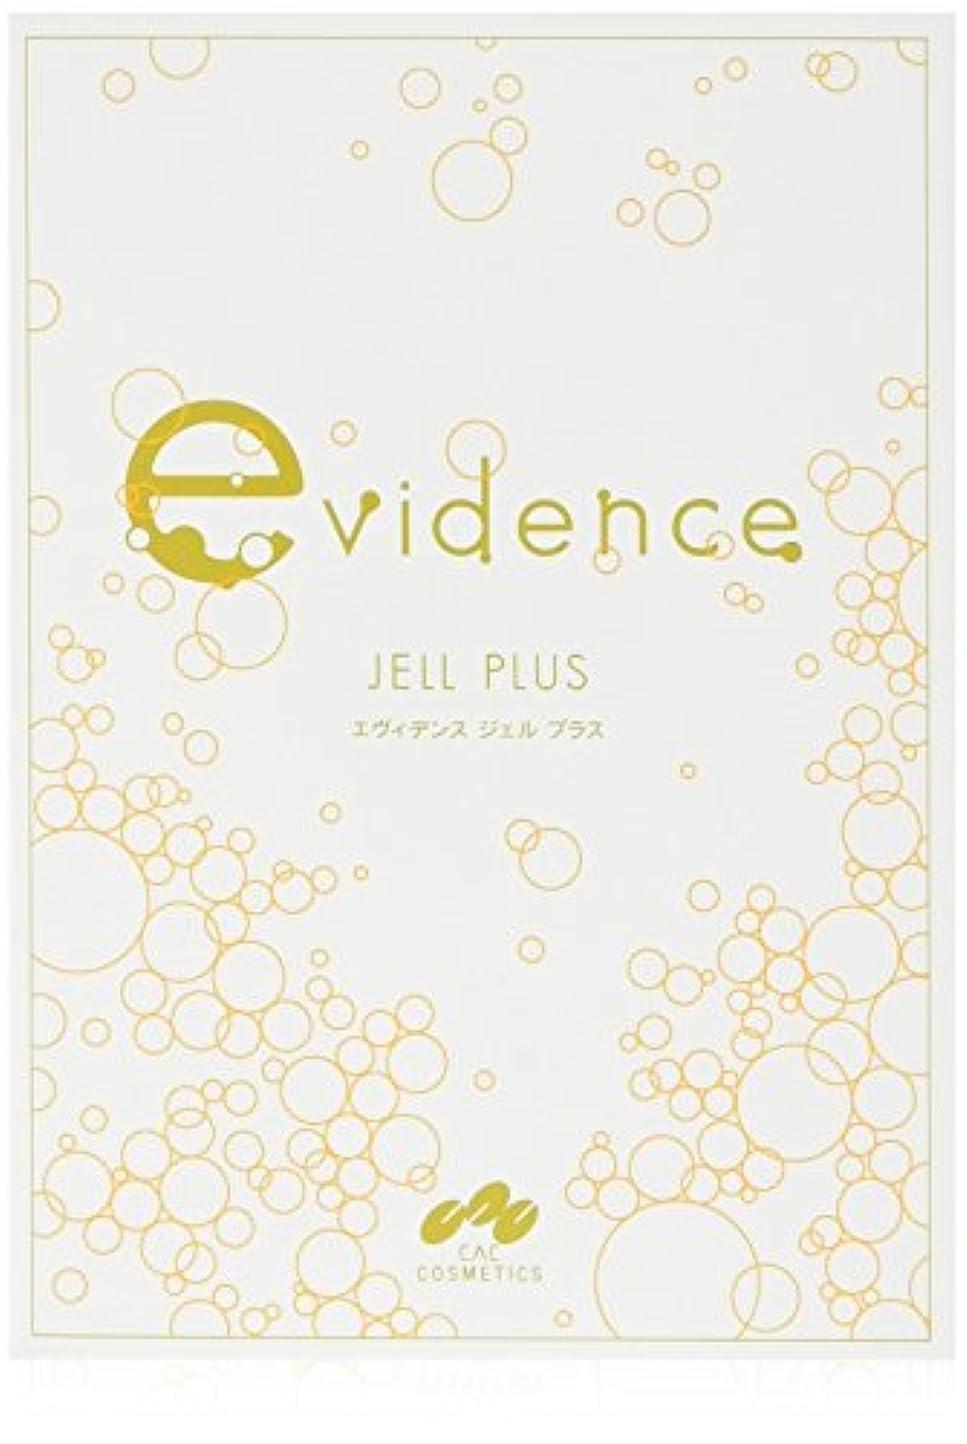 くちばしソファーディレイCAC化粧品(シーエーシー) エヴィデンス ジェルプラス 1.2ml x 60本